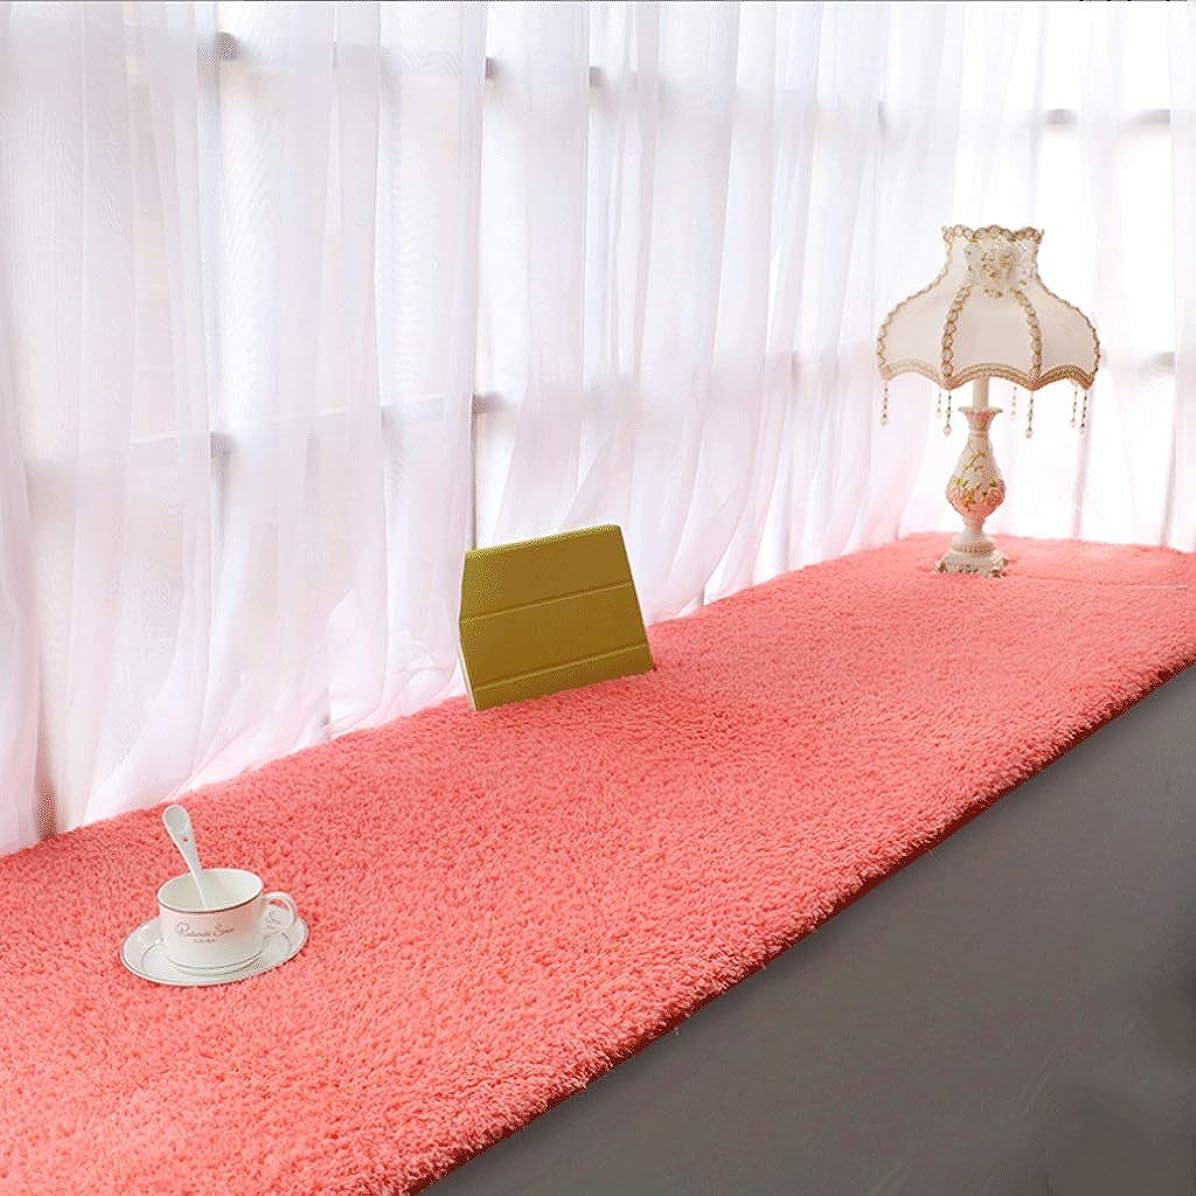 宴会ランドマークソーセージ出窓パッド/ヨーロッパ式バルコニーぬいぐるみカーペット/寝室畳クッション/座席ソファスリップコーブ/ソファベンチマット (Color : H, Size : 66×170CM)